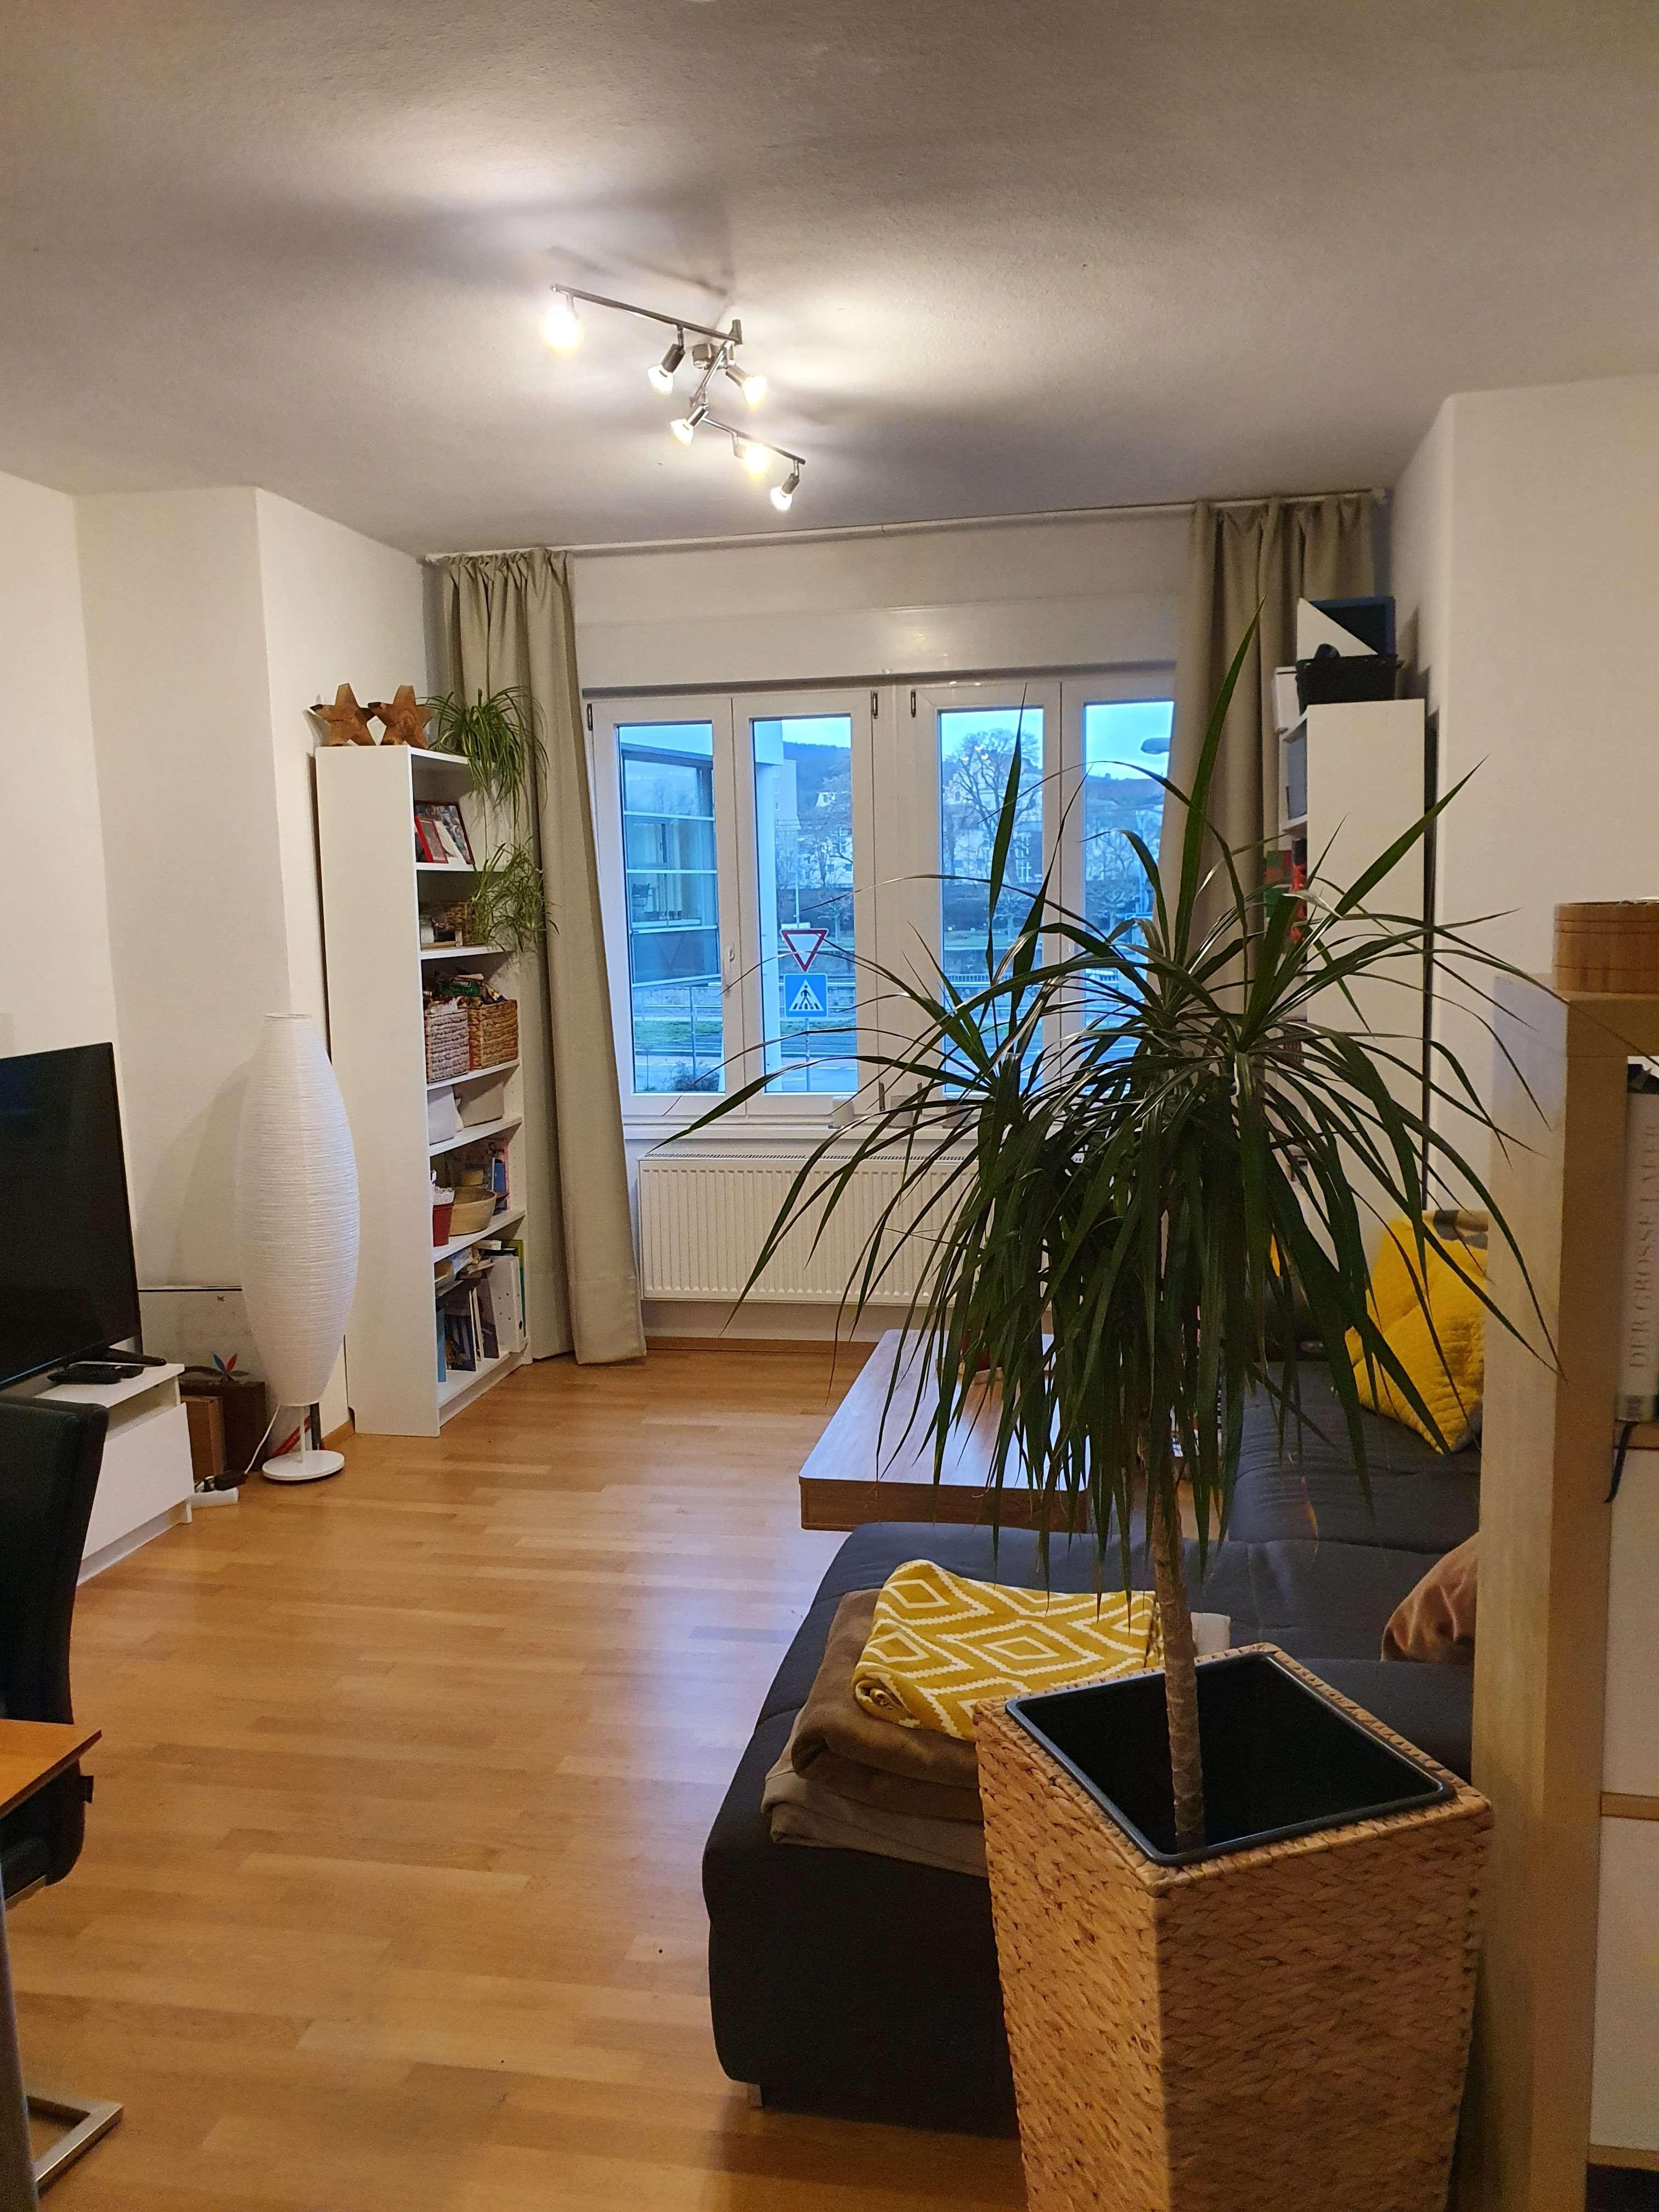 680.0 € - 58.0 m² - 2.0 Zi. in